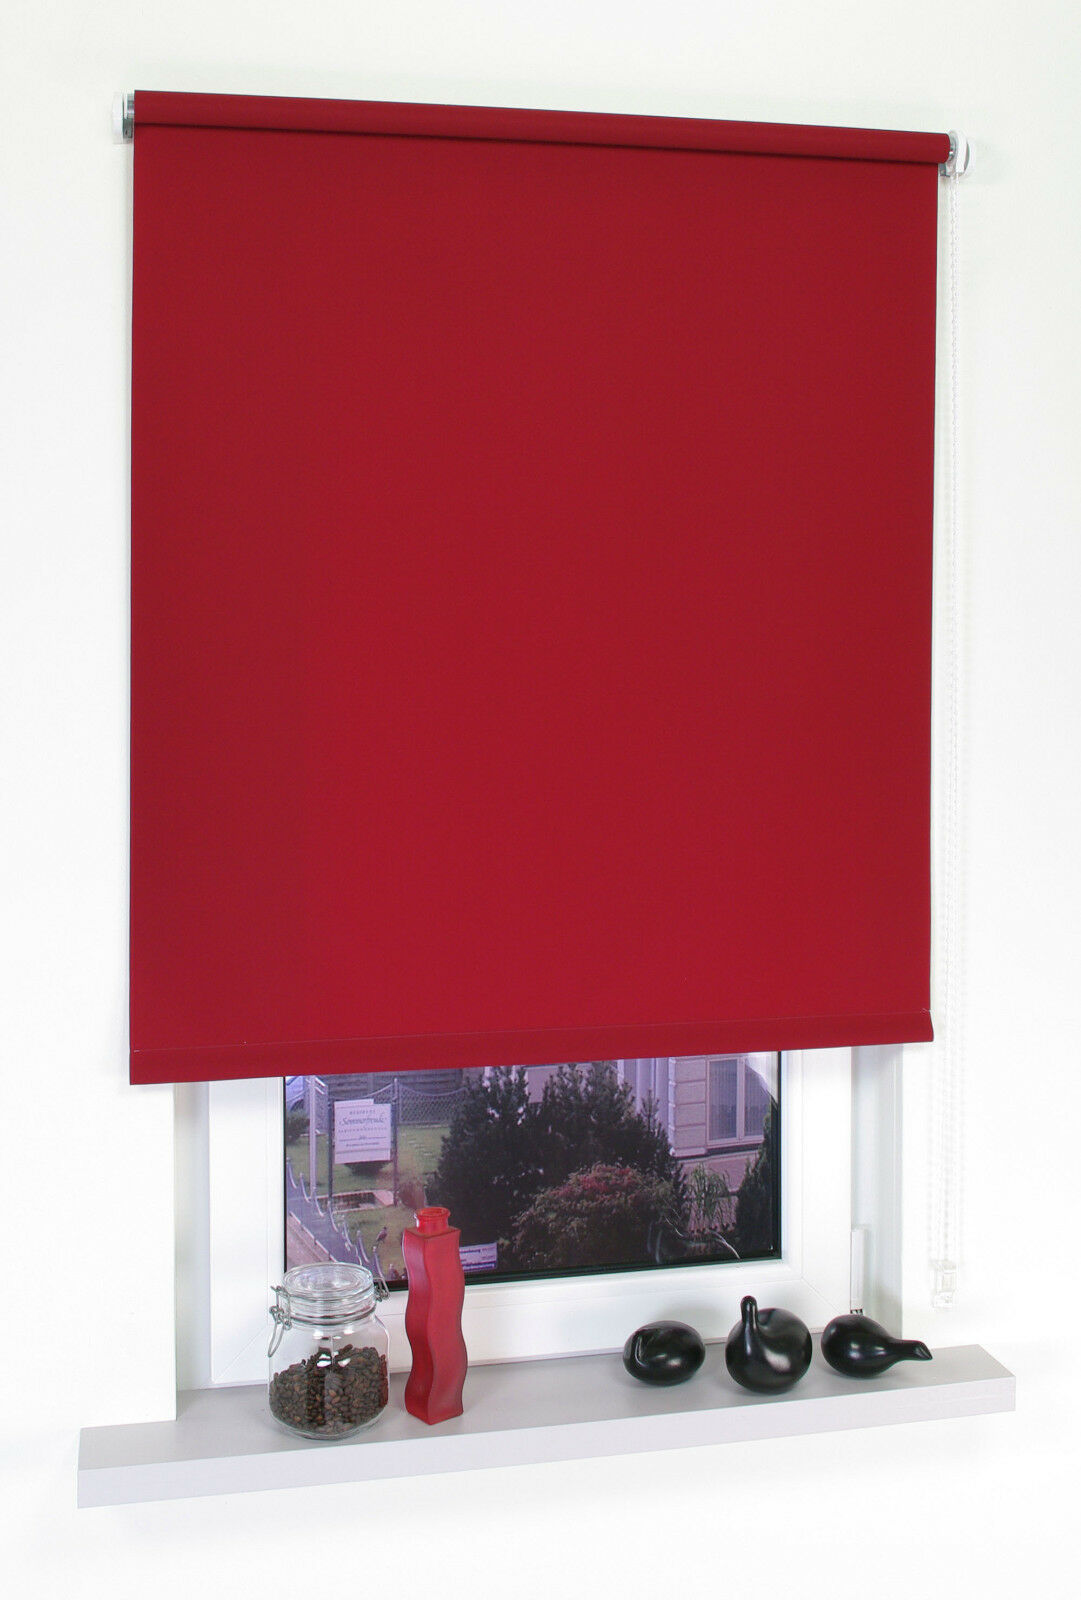 Seitenzugrollo Kettenzugrollo Kettenzugrollo Kettenzugrollo Dunkelrot Fenster Rollo Jalousie Plissee 60-200 cm | Jeder beschriebene Artikel ist verfügbar  8fda2c